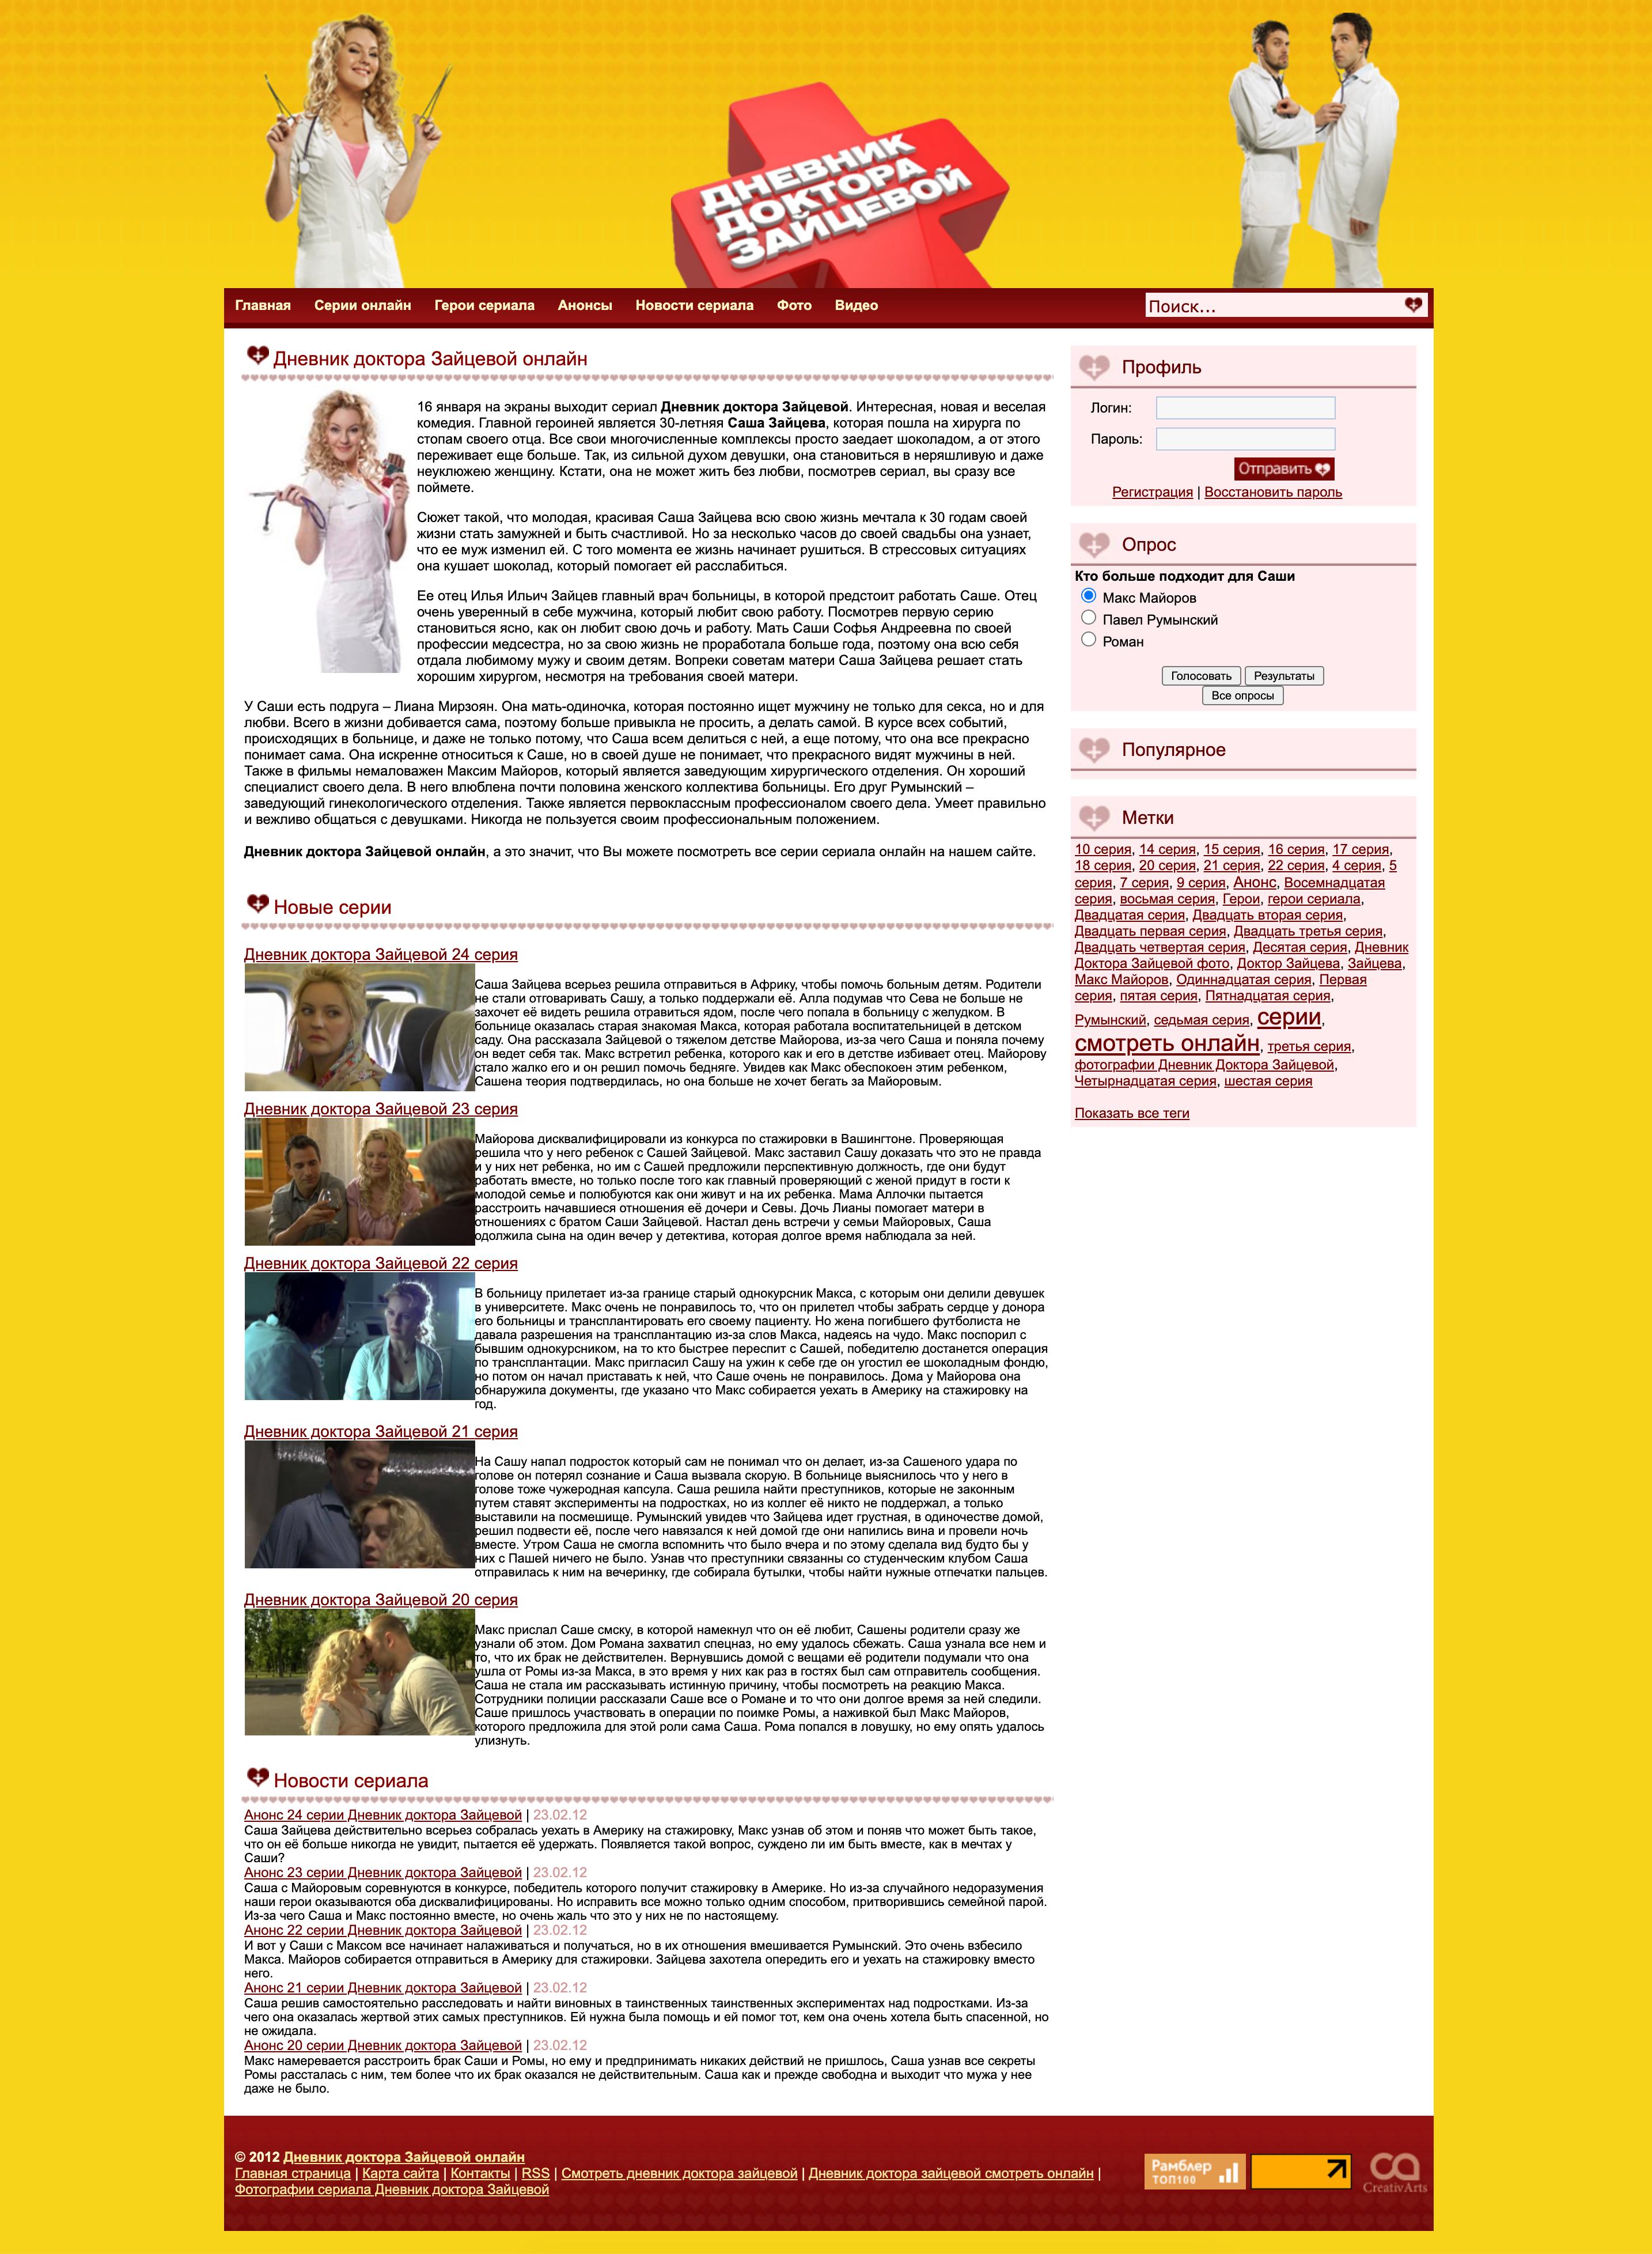 Дизайн для сайта о сериале Доктор Зайцева